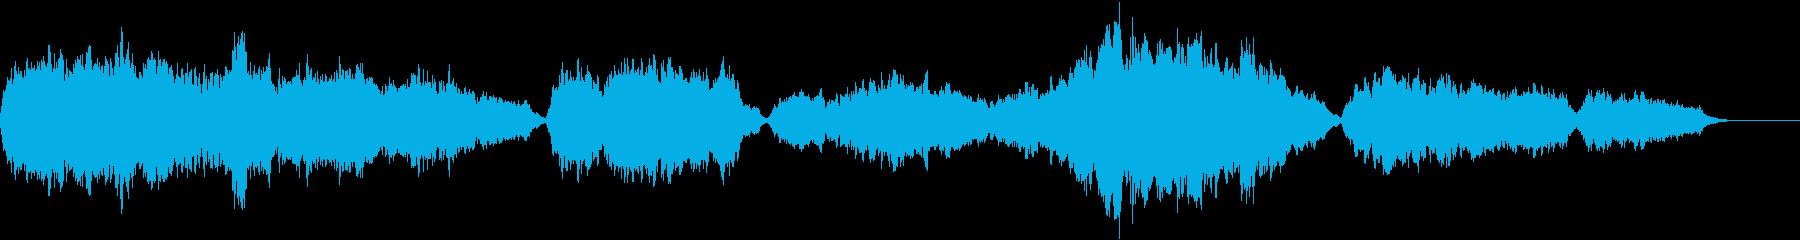 弦楽器の暗く重たい曲・ゲームオーバーの再生済みの波形